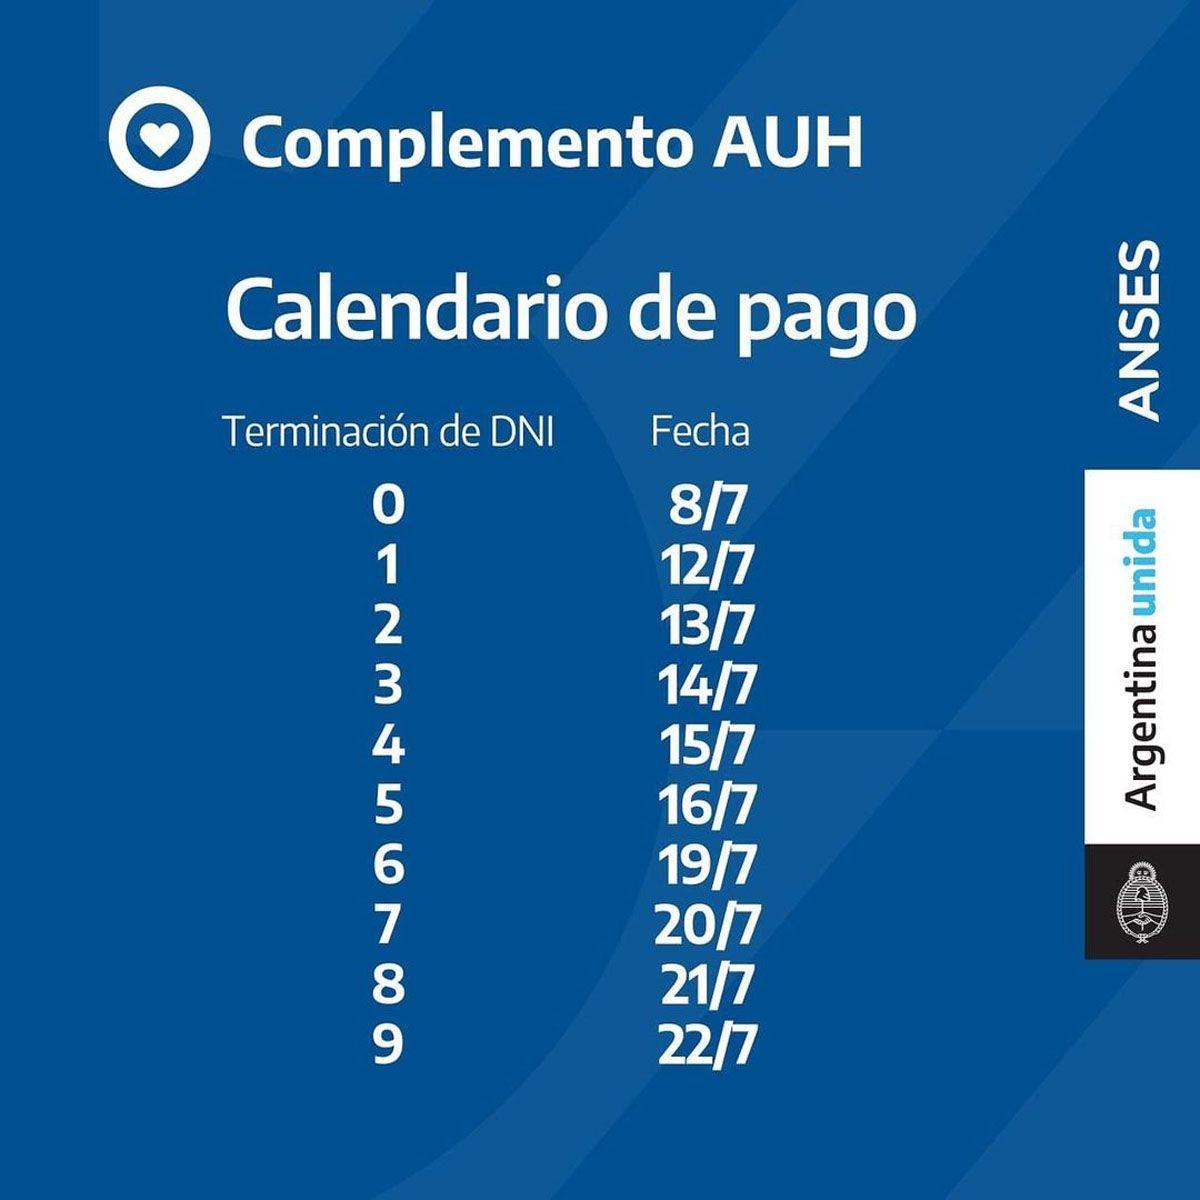 Calendario de pago de ANSES: AUH julio 2021 más plus de 7000